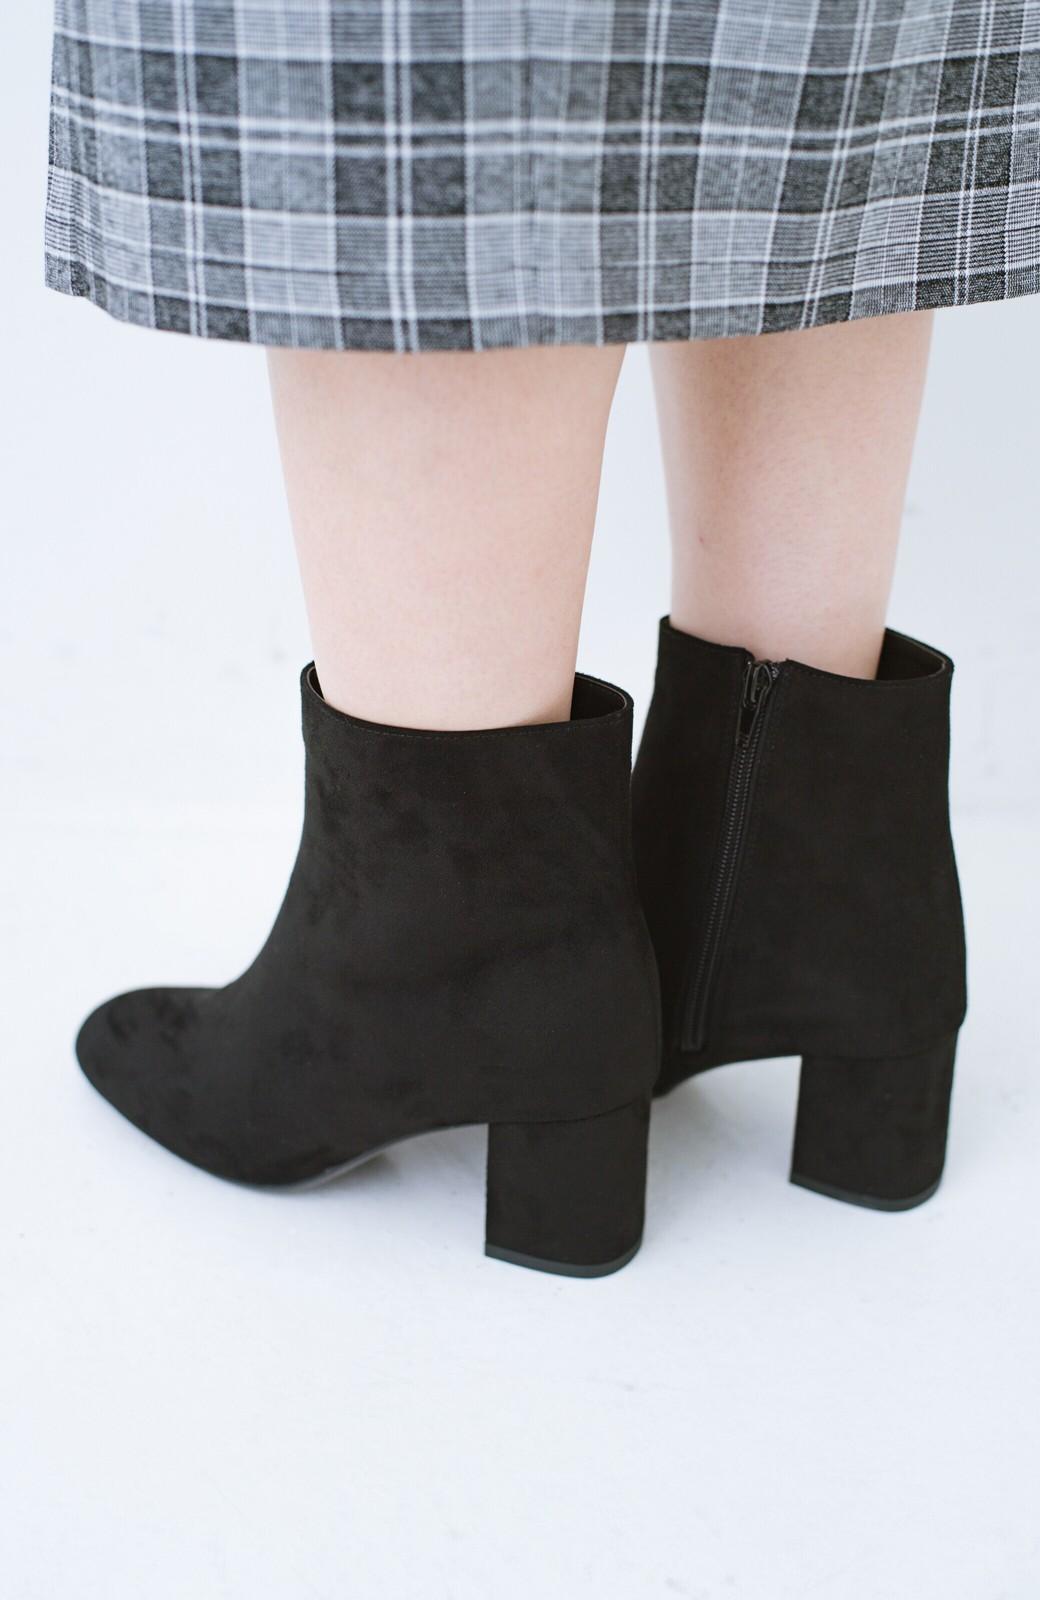 haco! パッと履いてスッときれいな女っぽブーツ <ブラック>の商品写真6